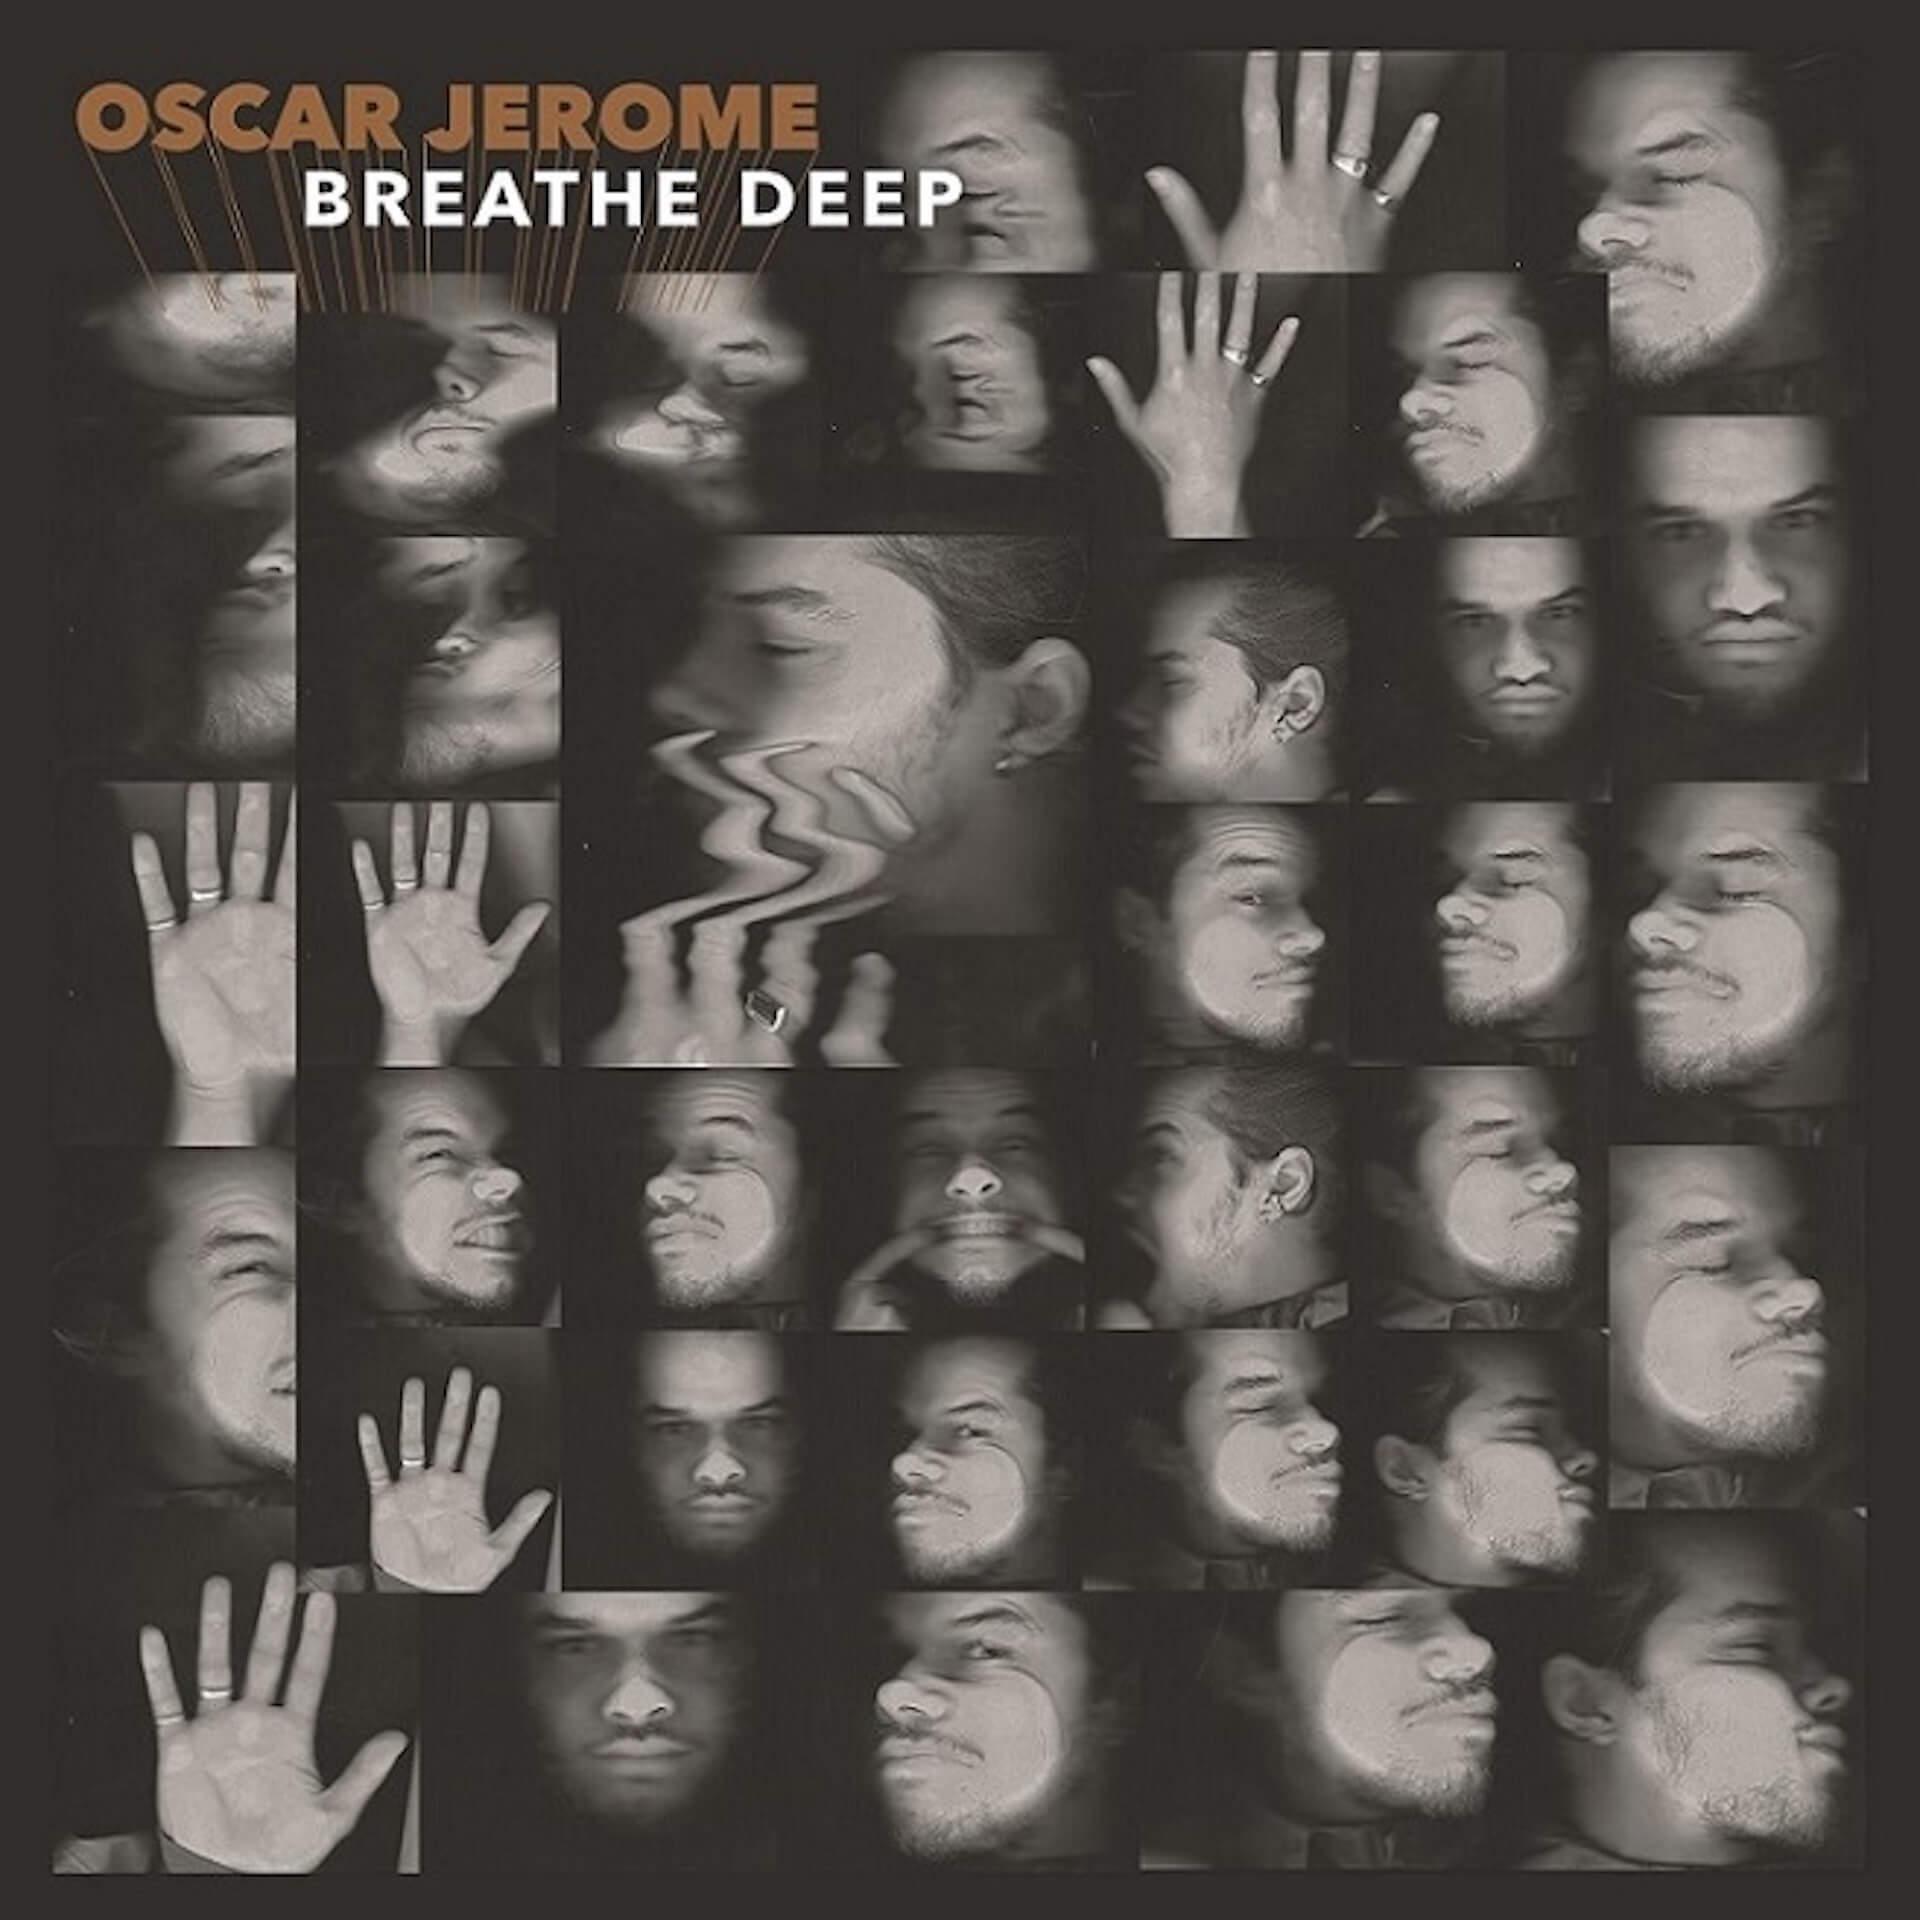 ネクストTom Mischと呼び声が高い、サウスロンドン発Oscar Jeromeのデビューアルバム発売が決定! music200423_pscpr_jerome_02